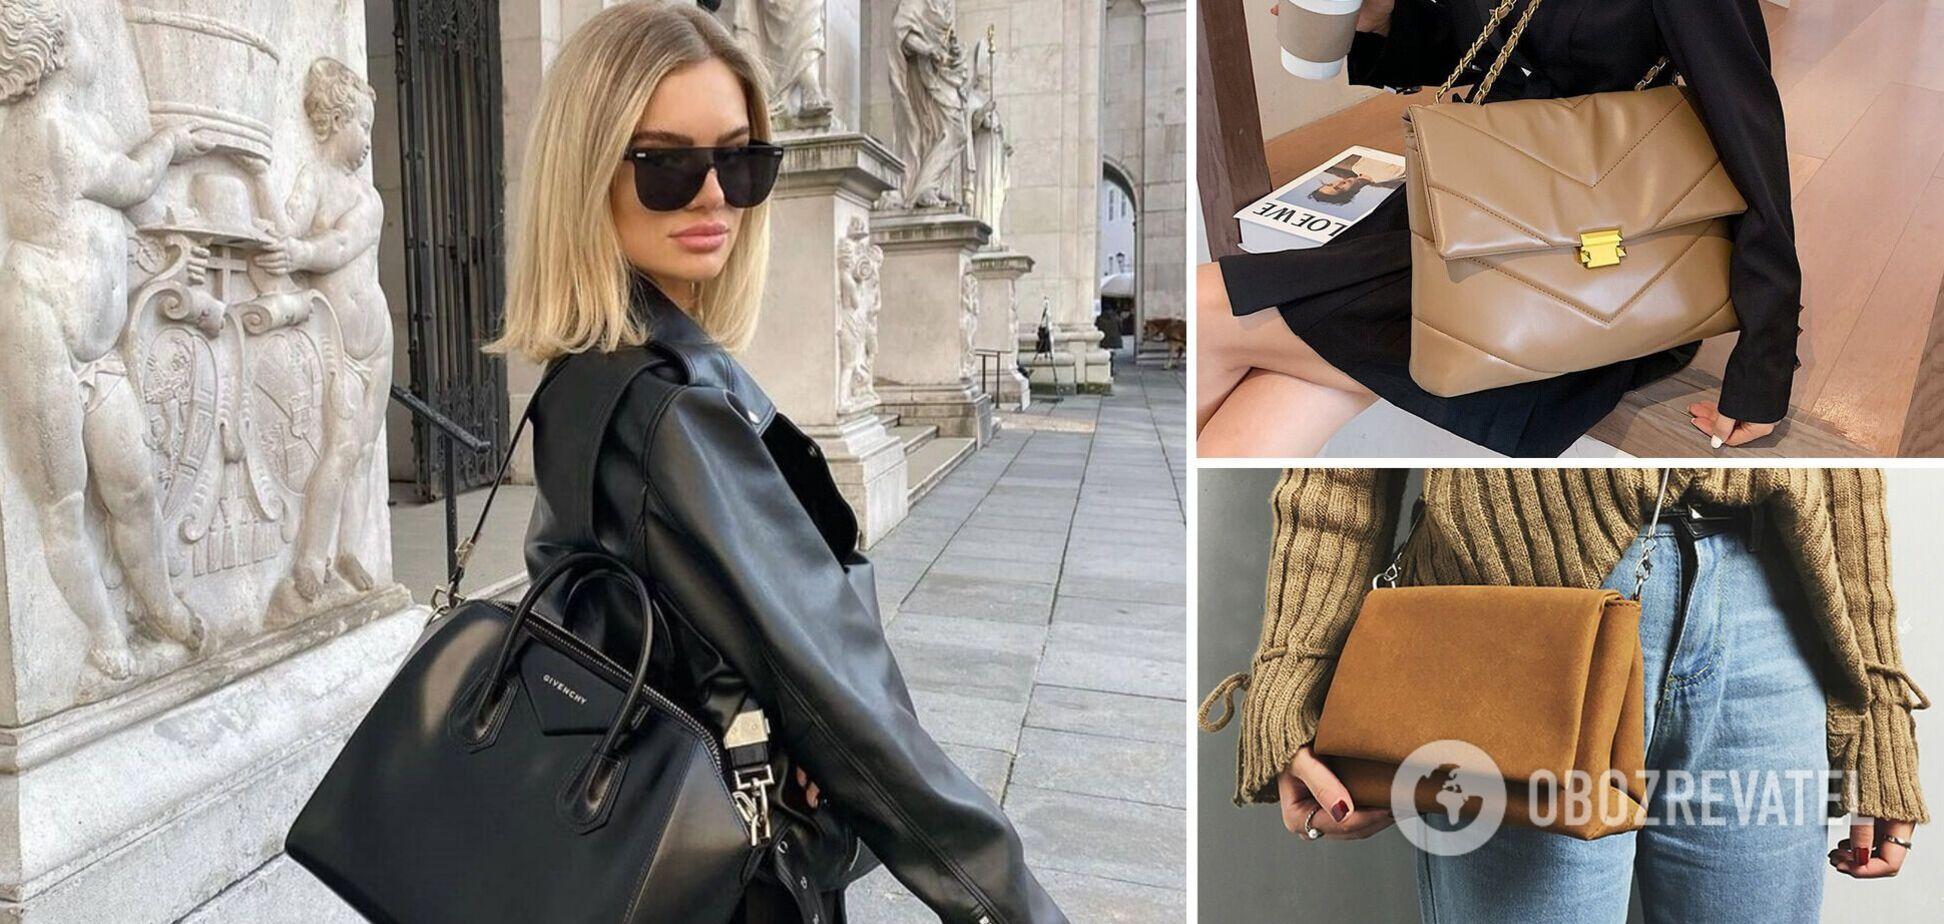 Модні сумки осінь-зима 2021/2022: стилістка показала трендові варіанти. Фото